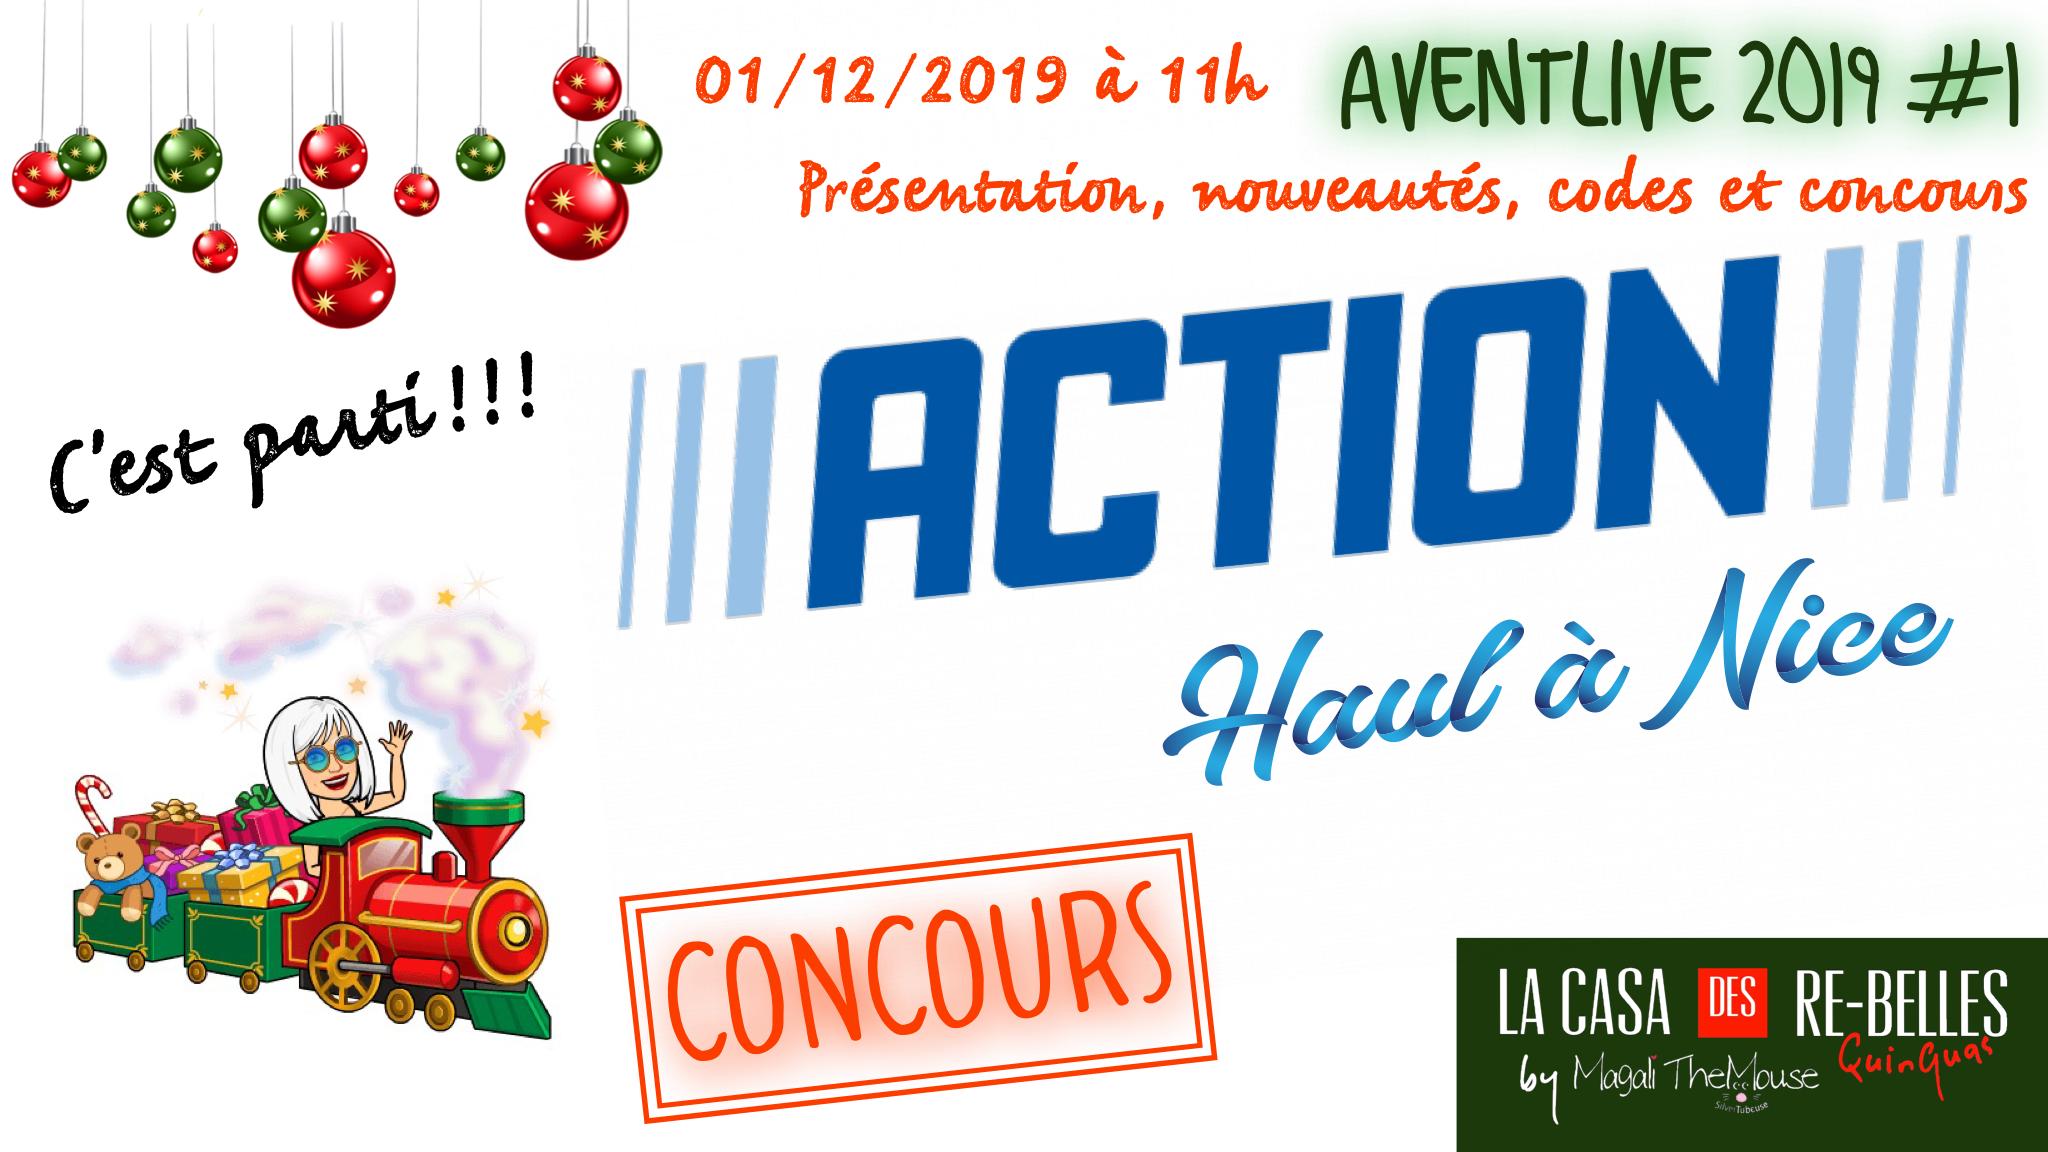 Haul ACTION à Nice, Aventlive 2019